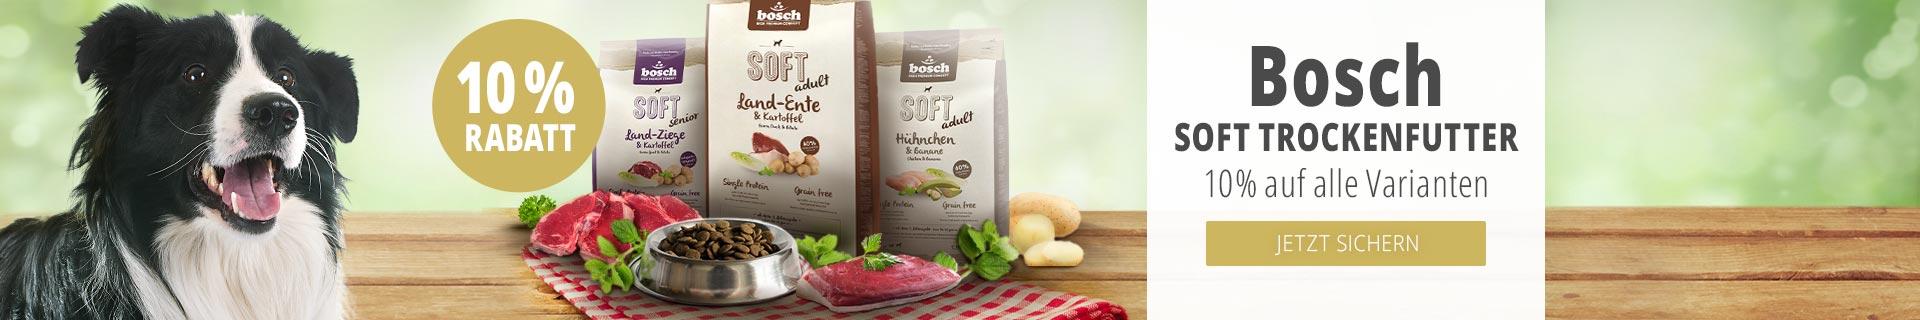 Bosch Soft Trockenfutter 10% auf alle Varianten